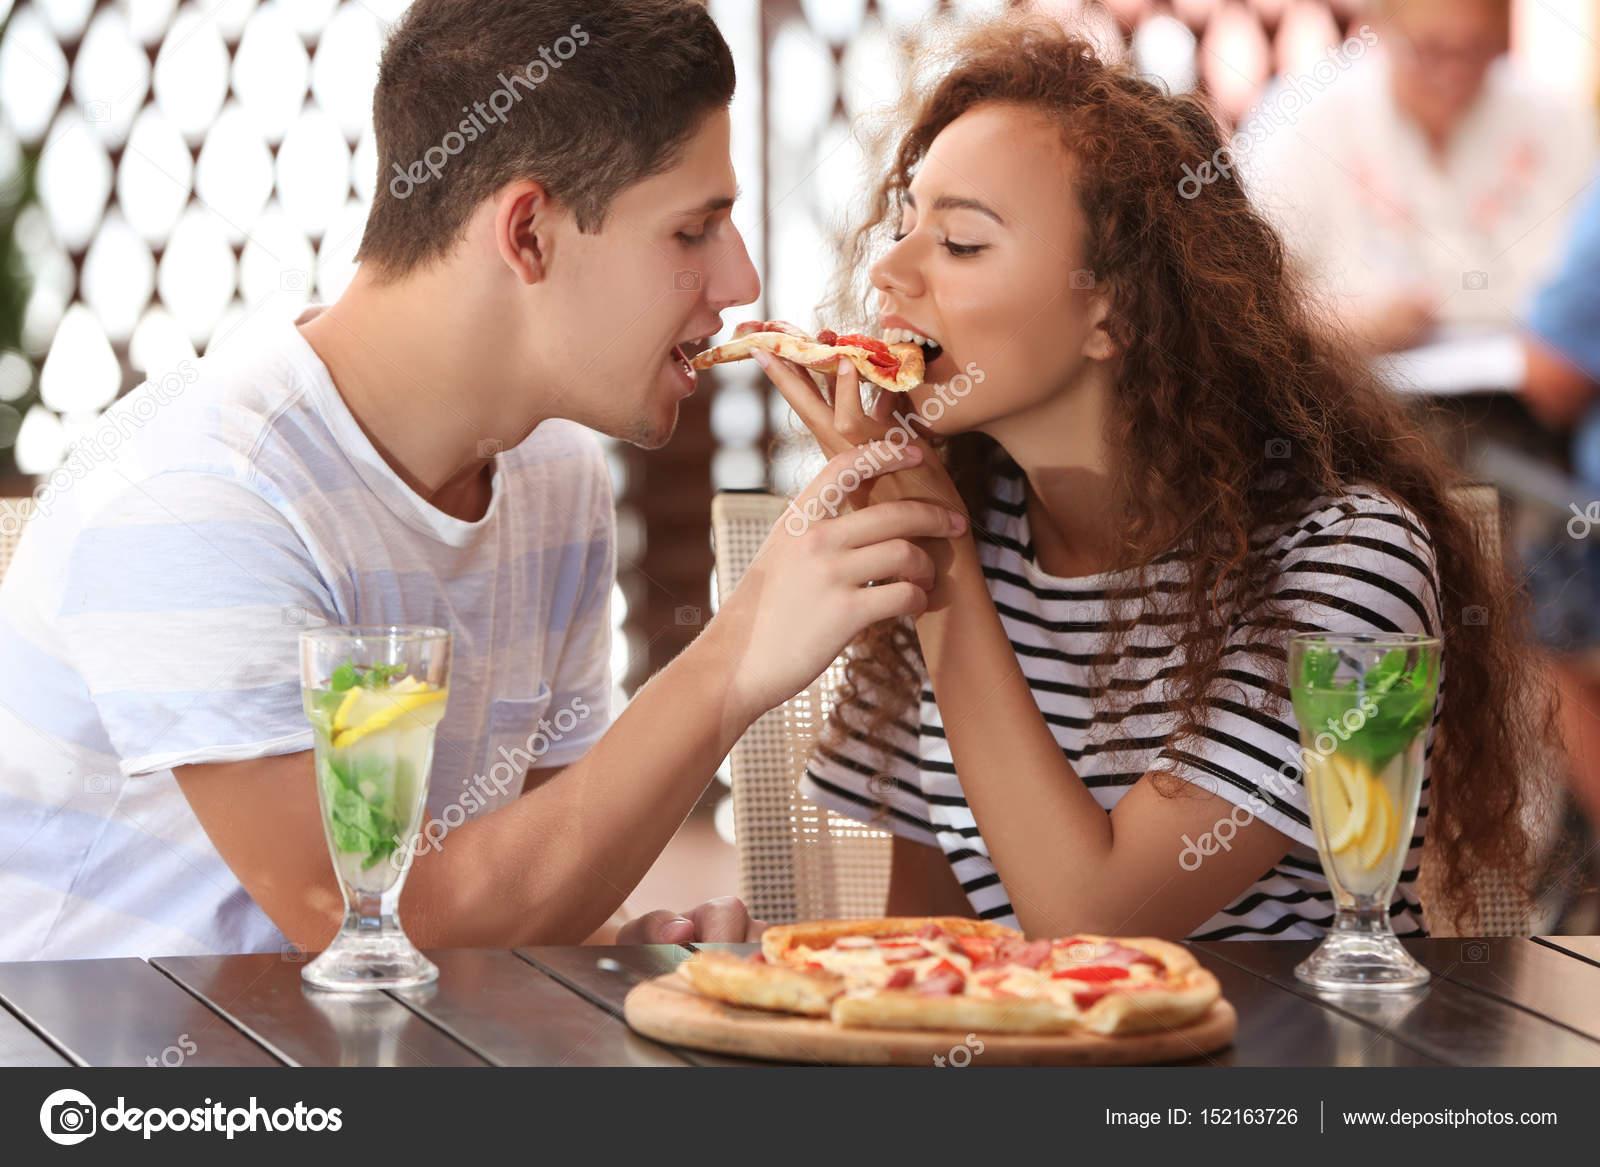 Encantadora Pareja Comiendo Pizza